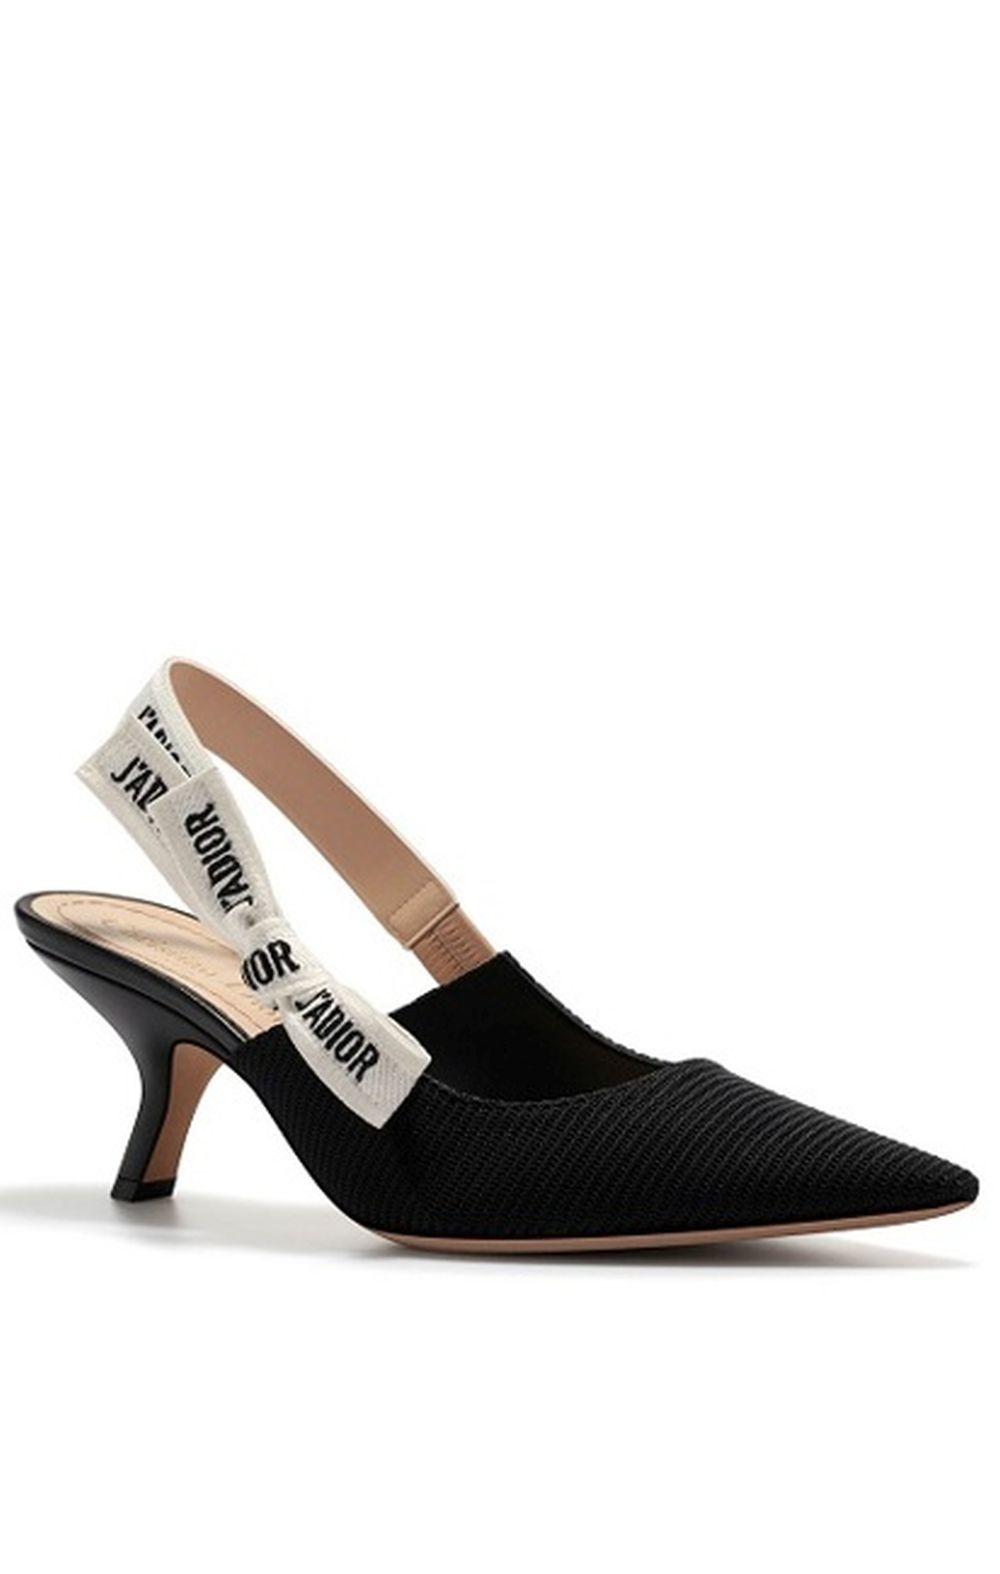 Zapato de tacón, Dior (c.p.v).